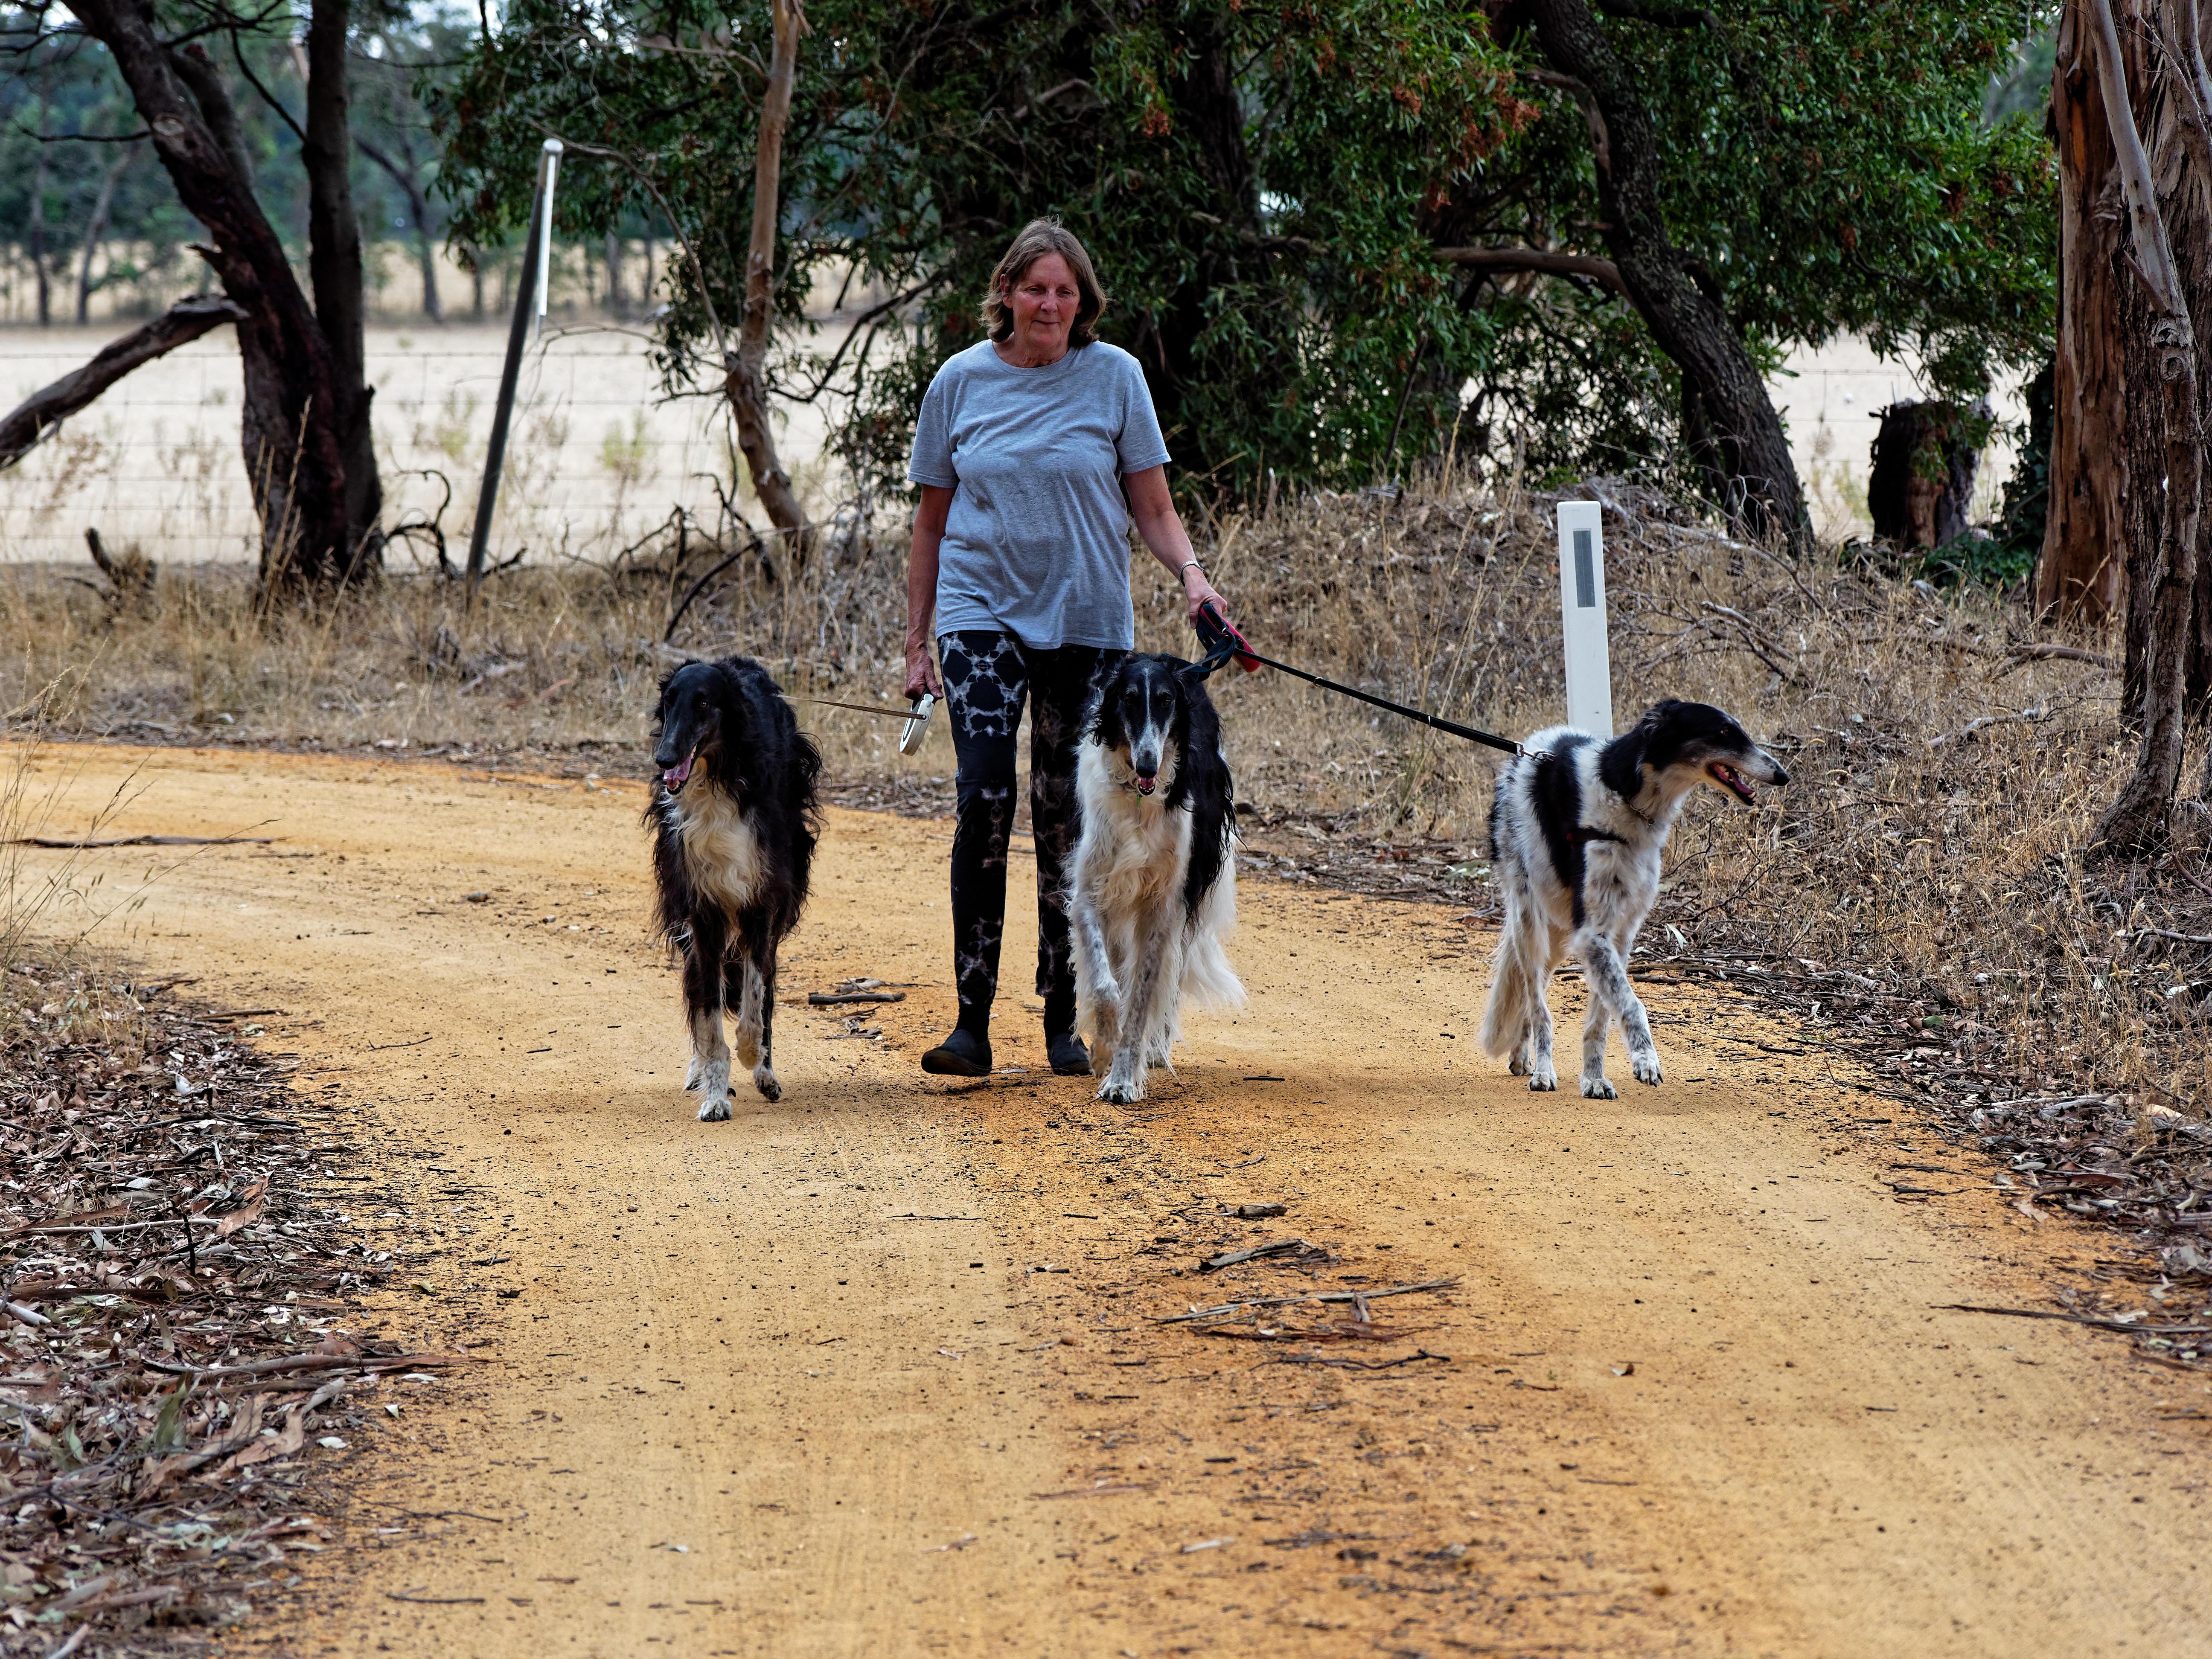 Walking-dogs-19.jpeg